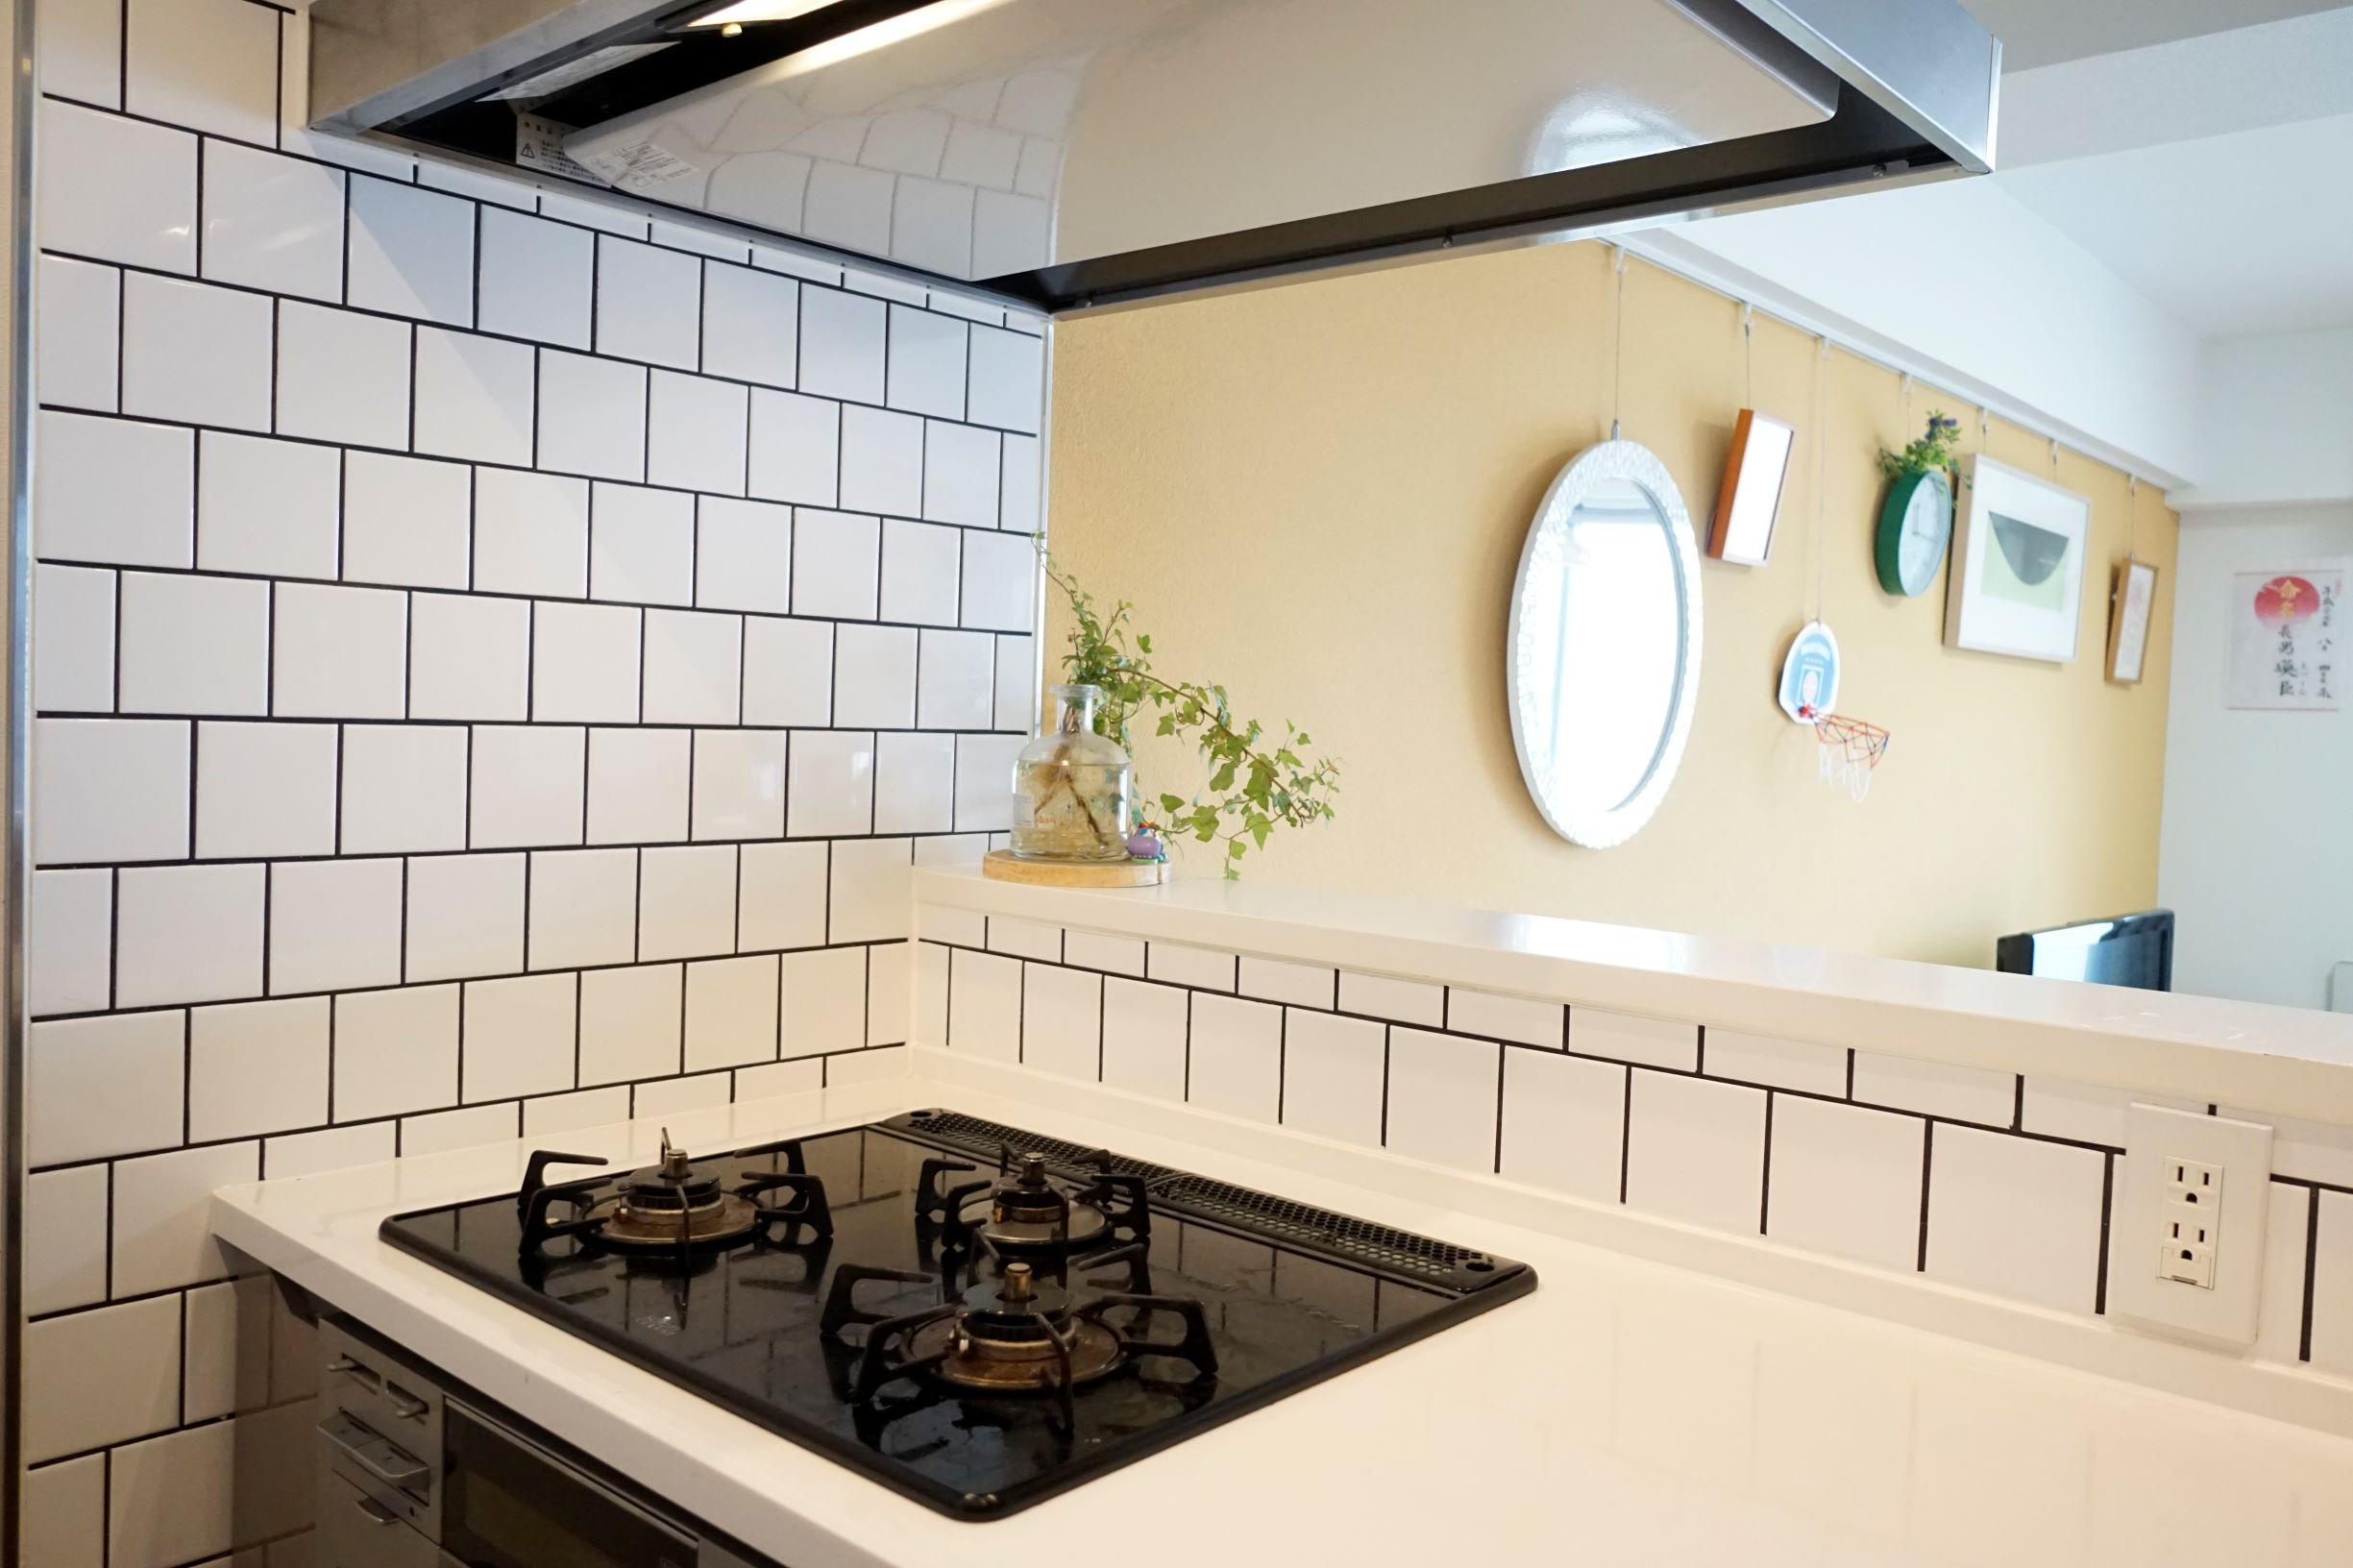 オープンカウンターキッチンはリビングとの一体感があります。 イメージ